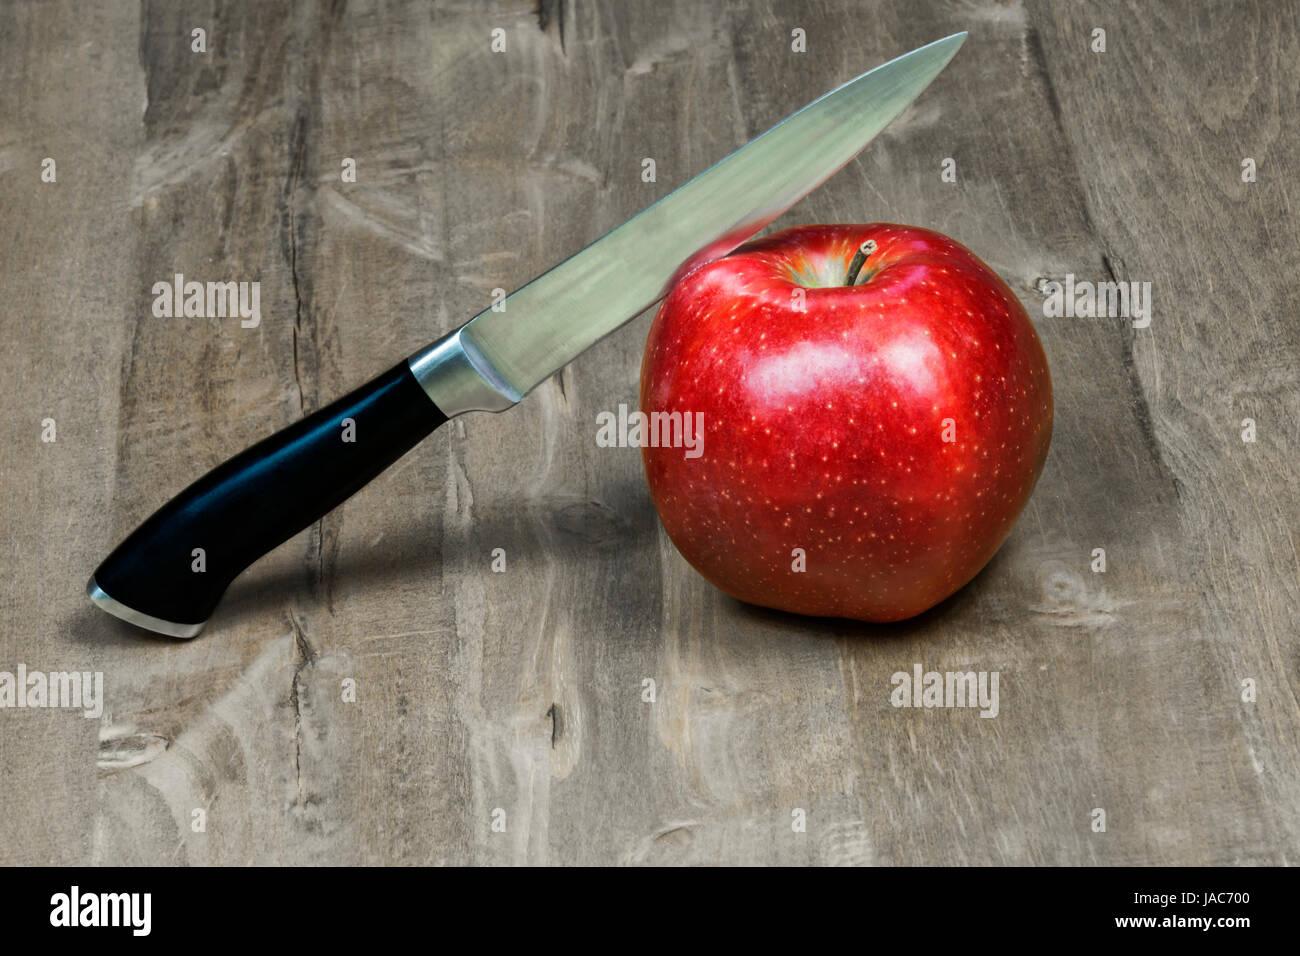 Il coltello taglia una mela rossa giacente su di una superficie di legno Immagini Stock